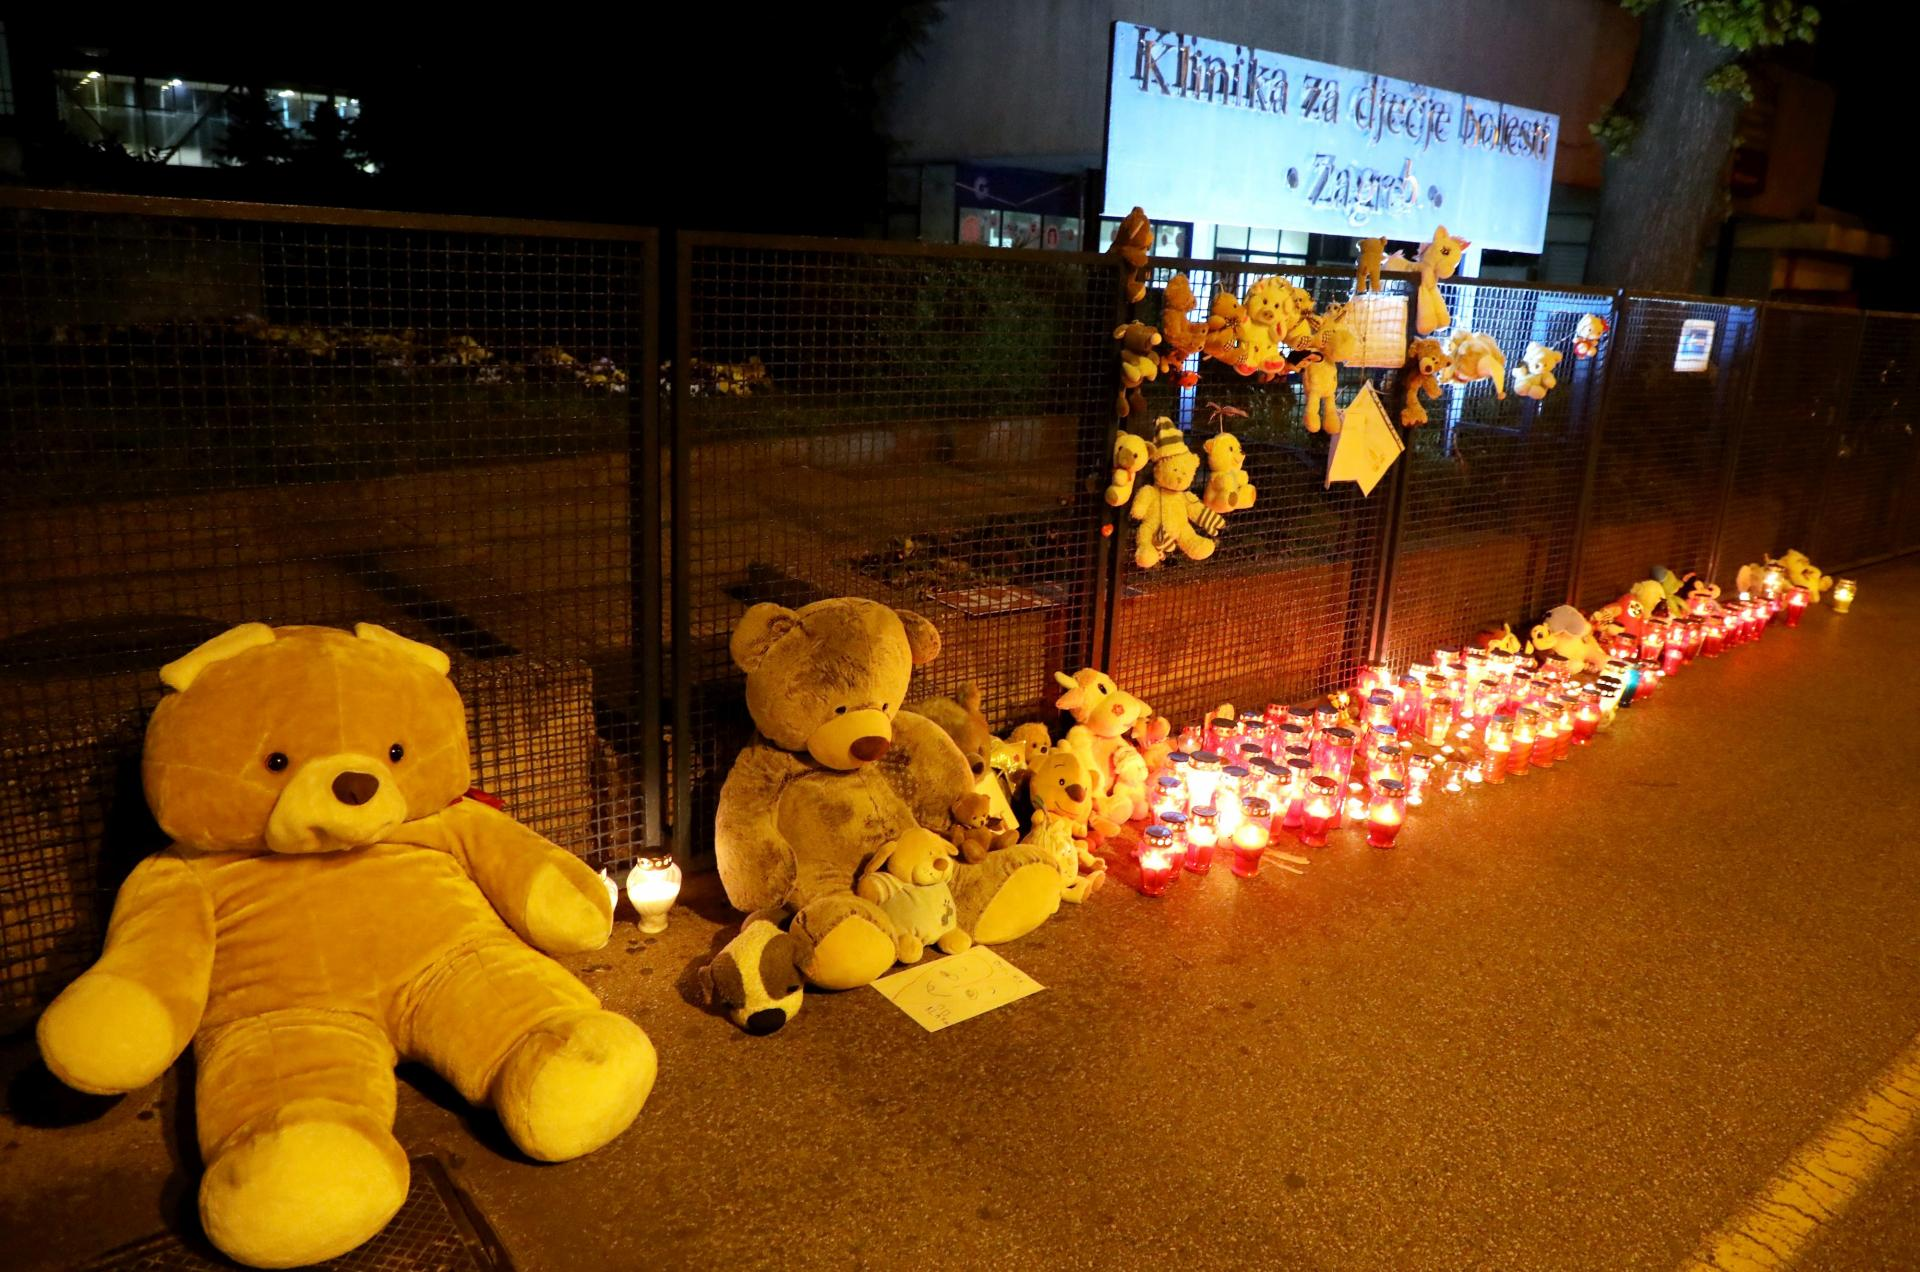 Hrvatska: Smrt devojčice šokirala građane i pokazala nedostatke sistema